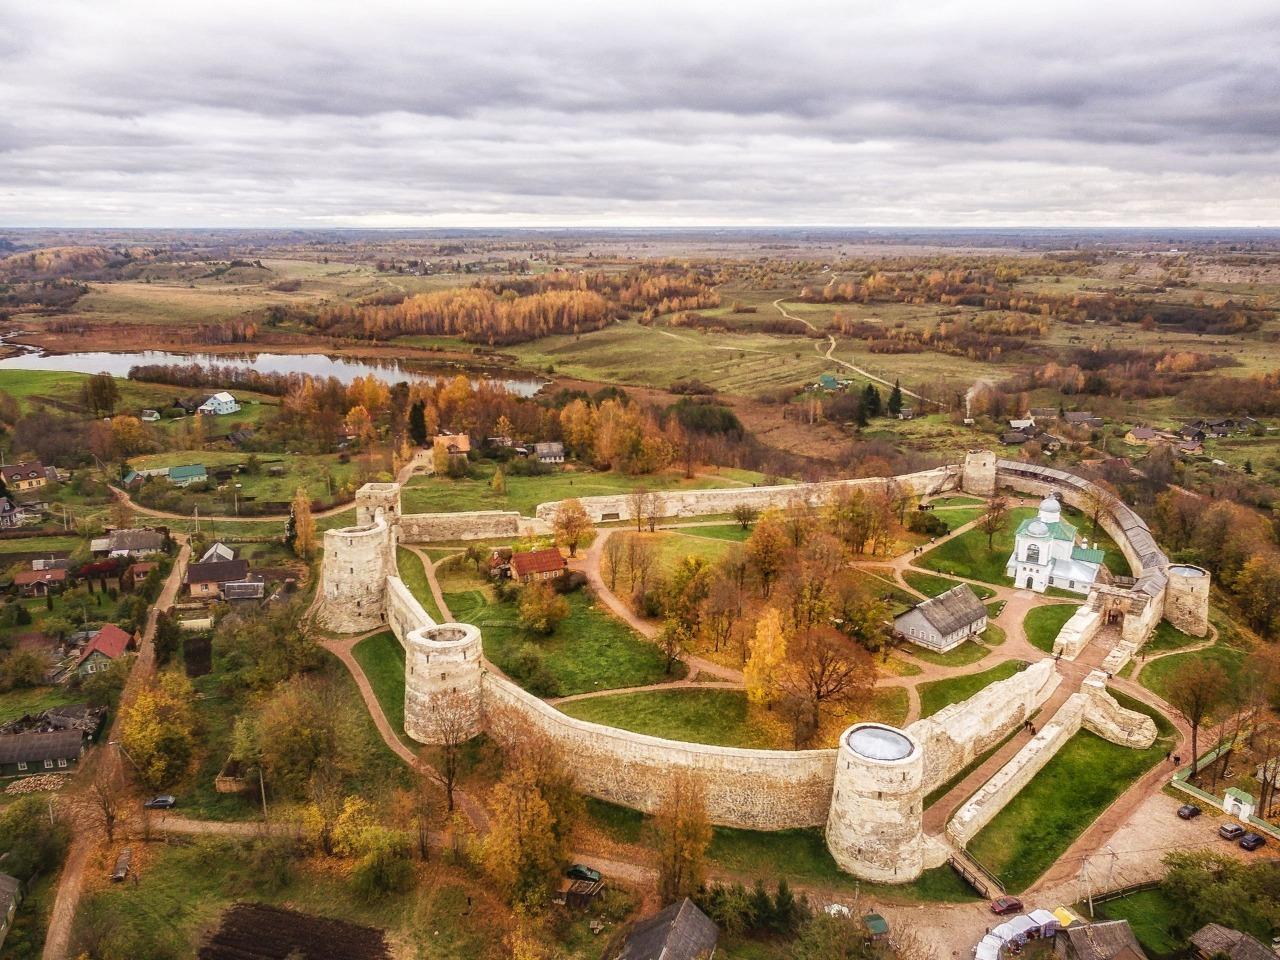 Псково-Печерский монастырь и Изборская крепость - индивидуальная экскурсия в Пскове от опытного гида